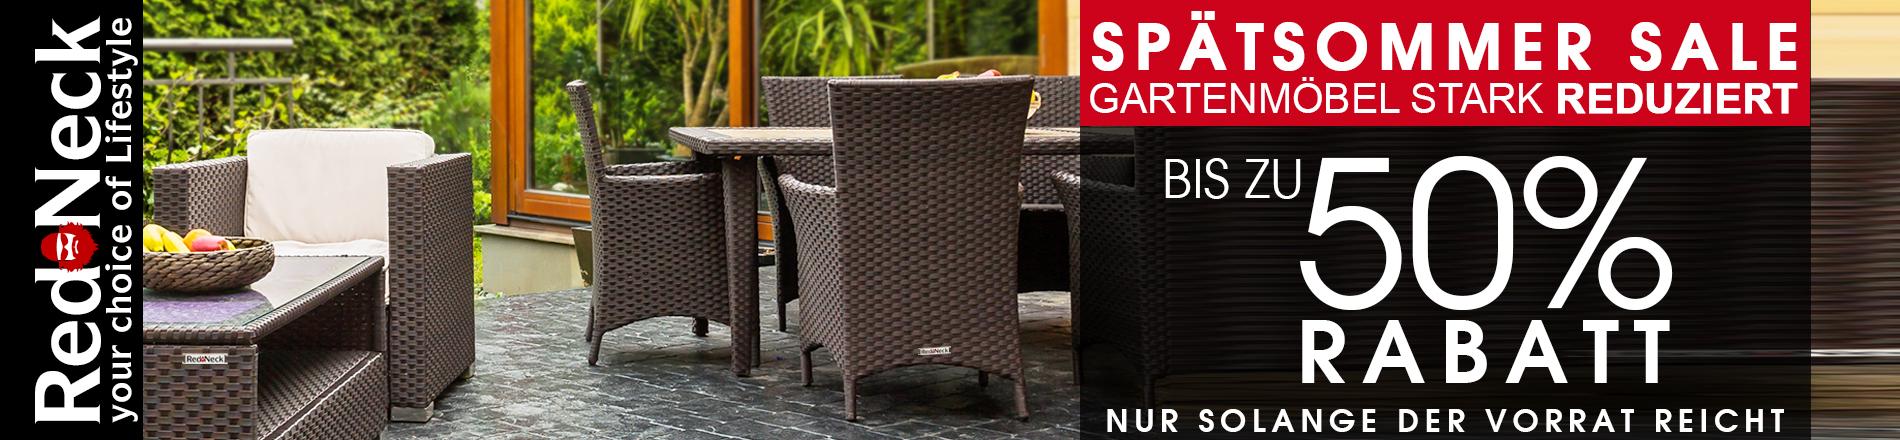 RedNeck Gartenmöbel Top Sale bis zu 50% günstiger